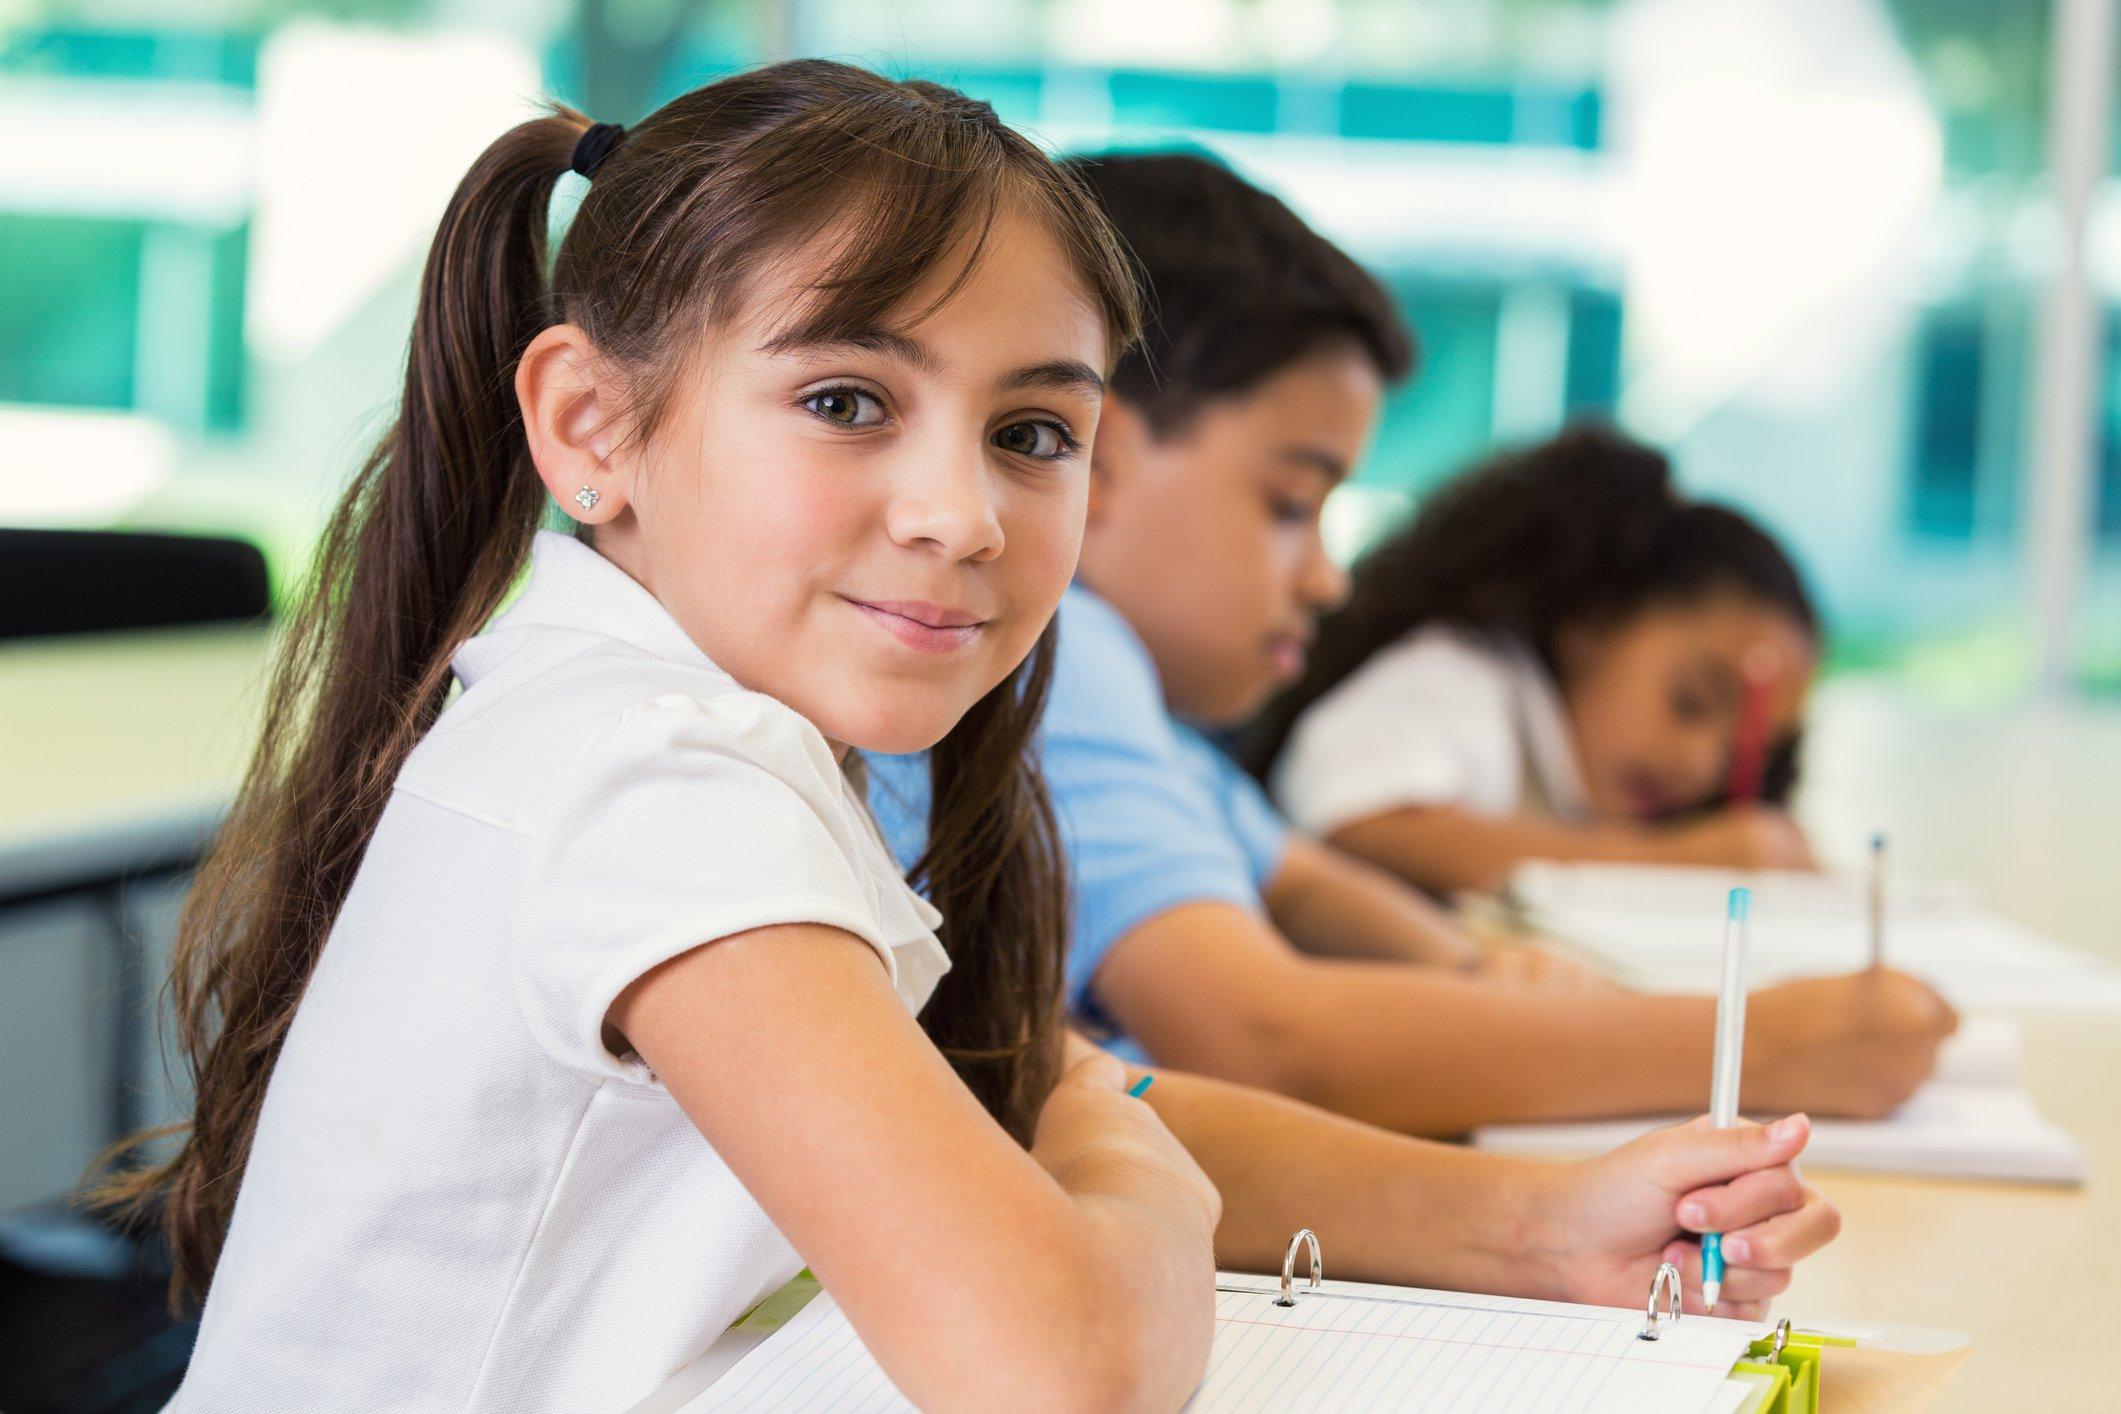 Children study at desks in school.